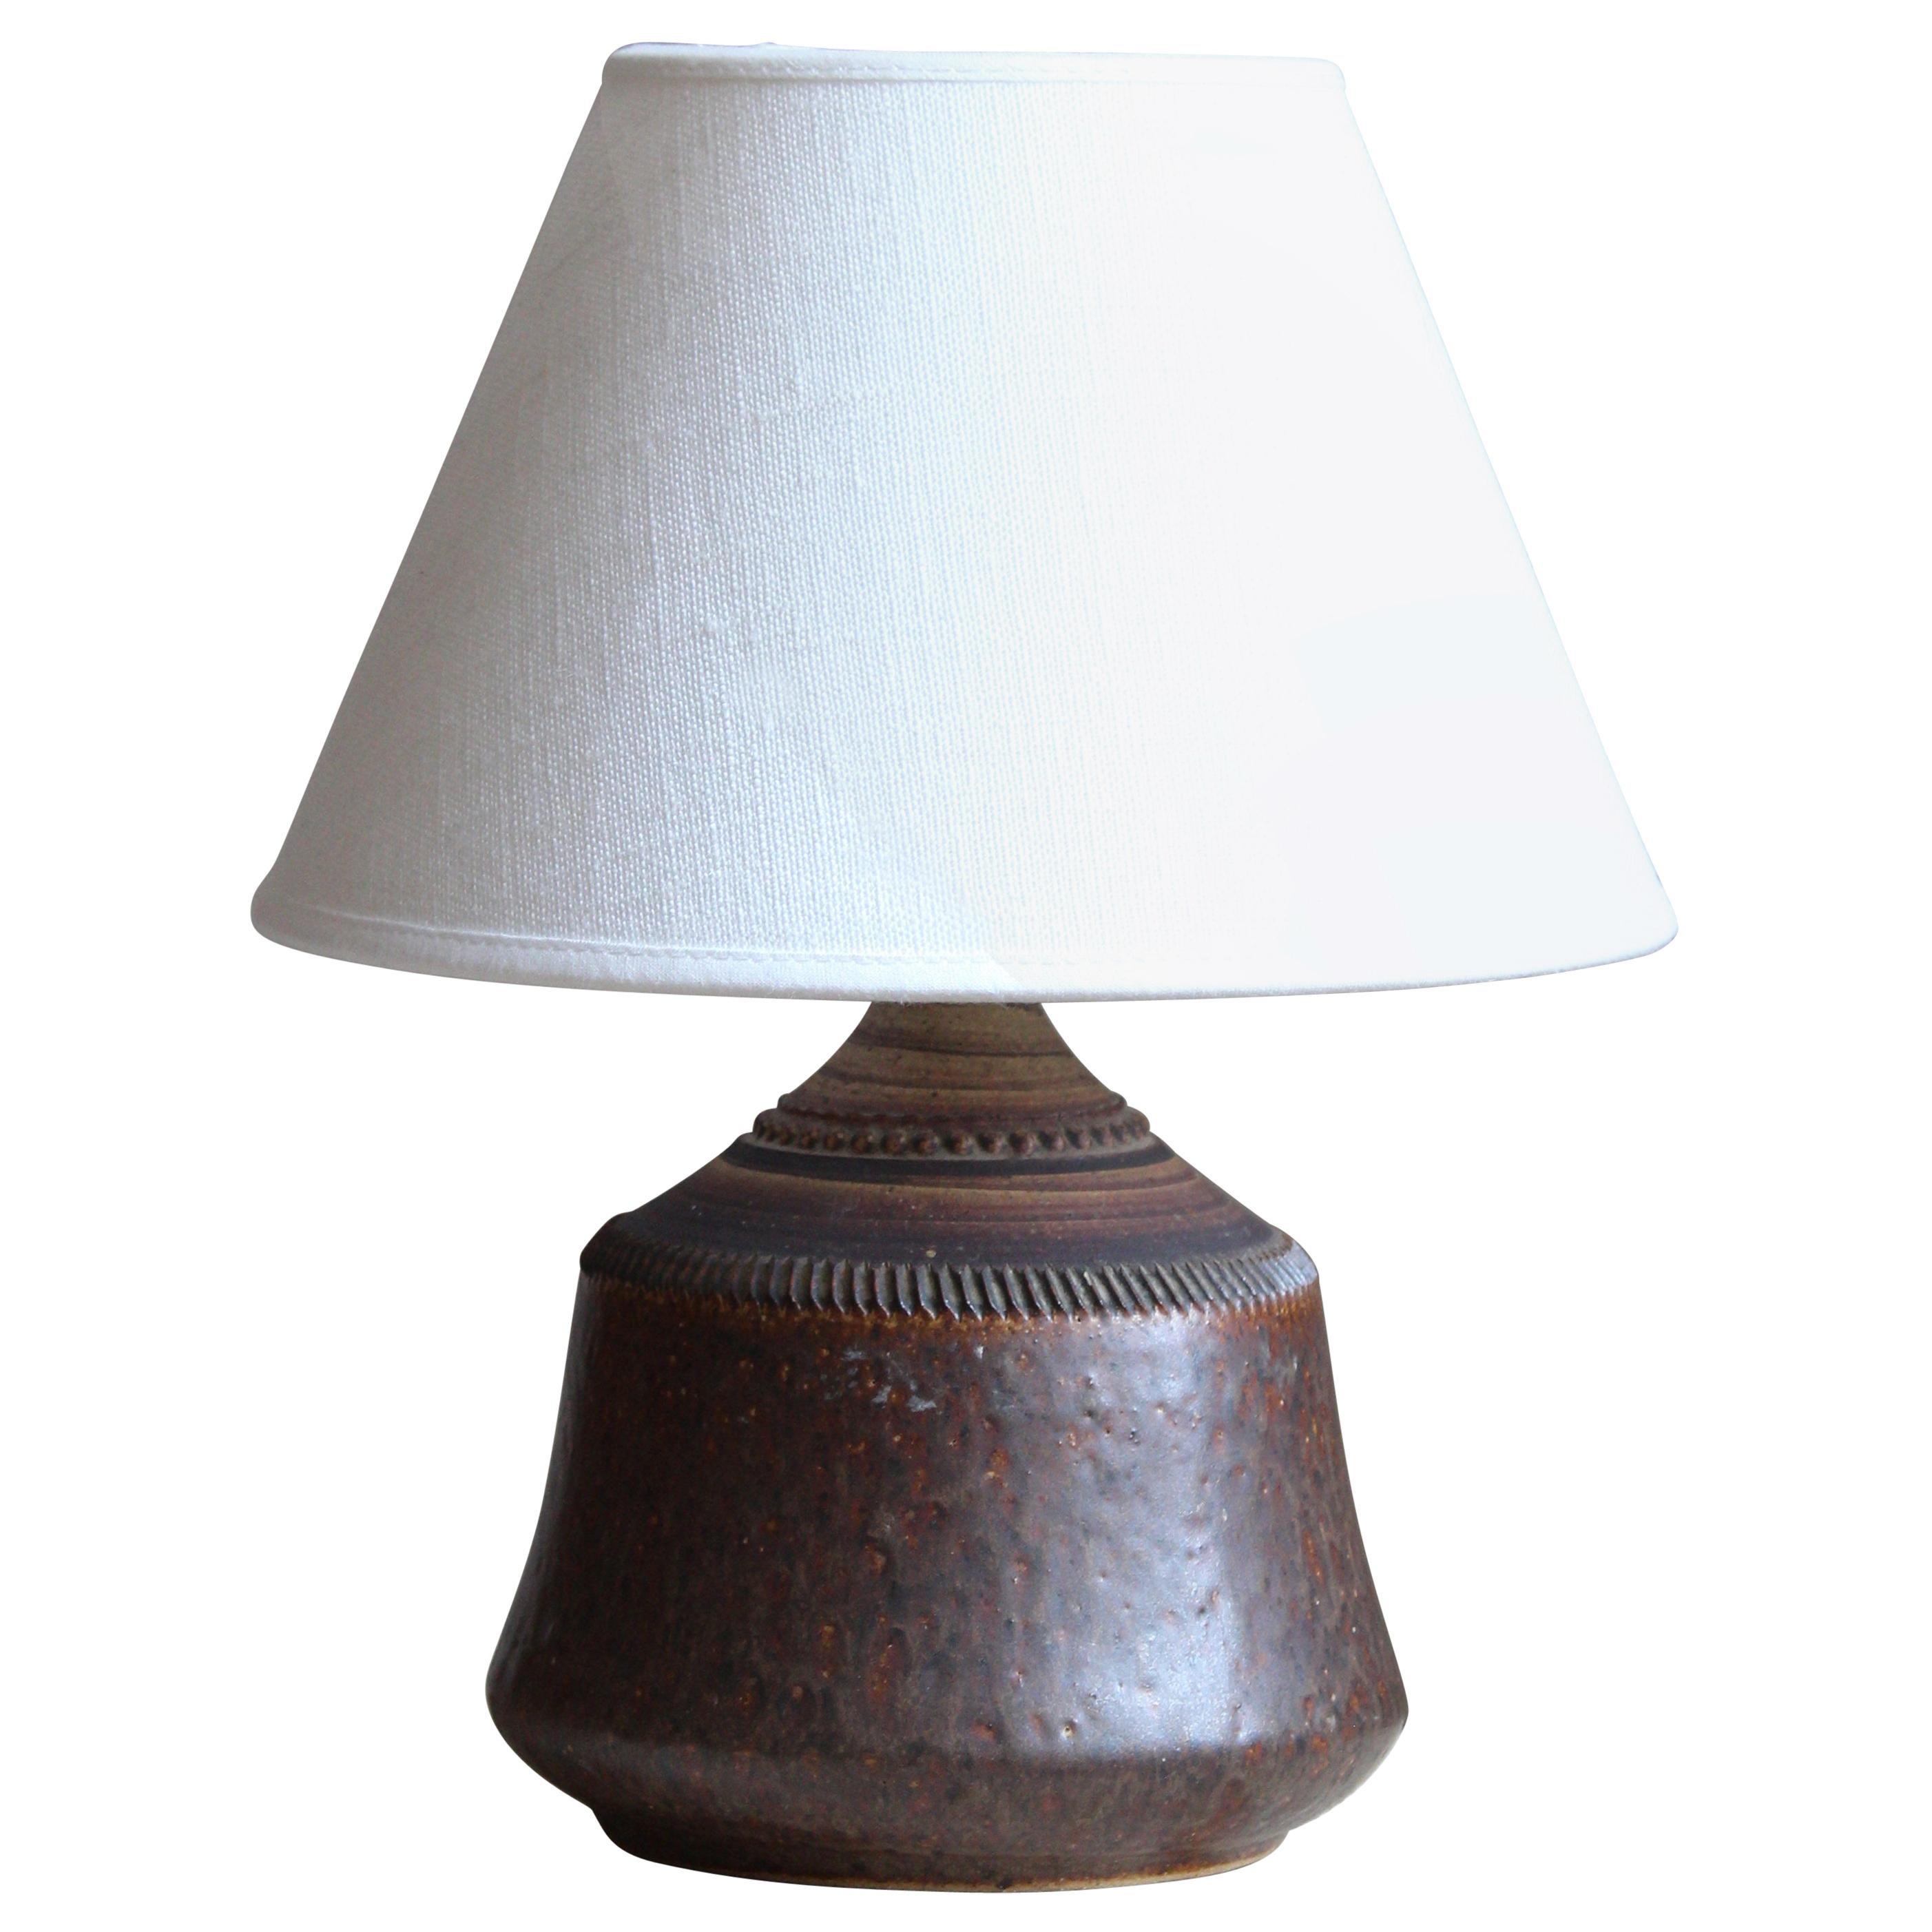 Klase Höganäs, Table Lamp, Brown Glazed Incised Stoneware, Linen, Sweden, 1950s